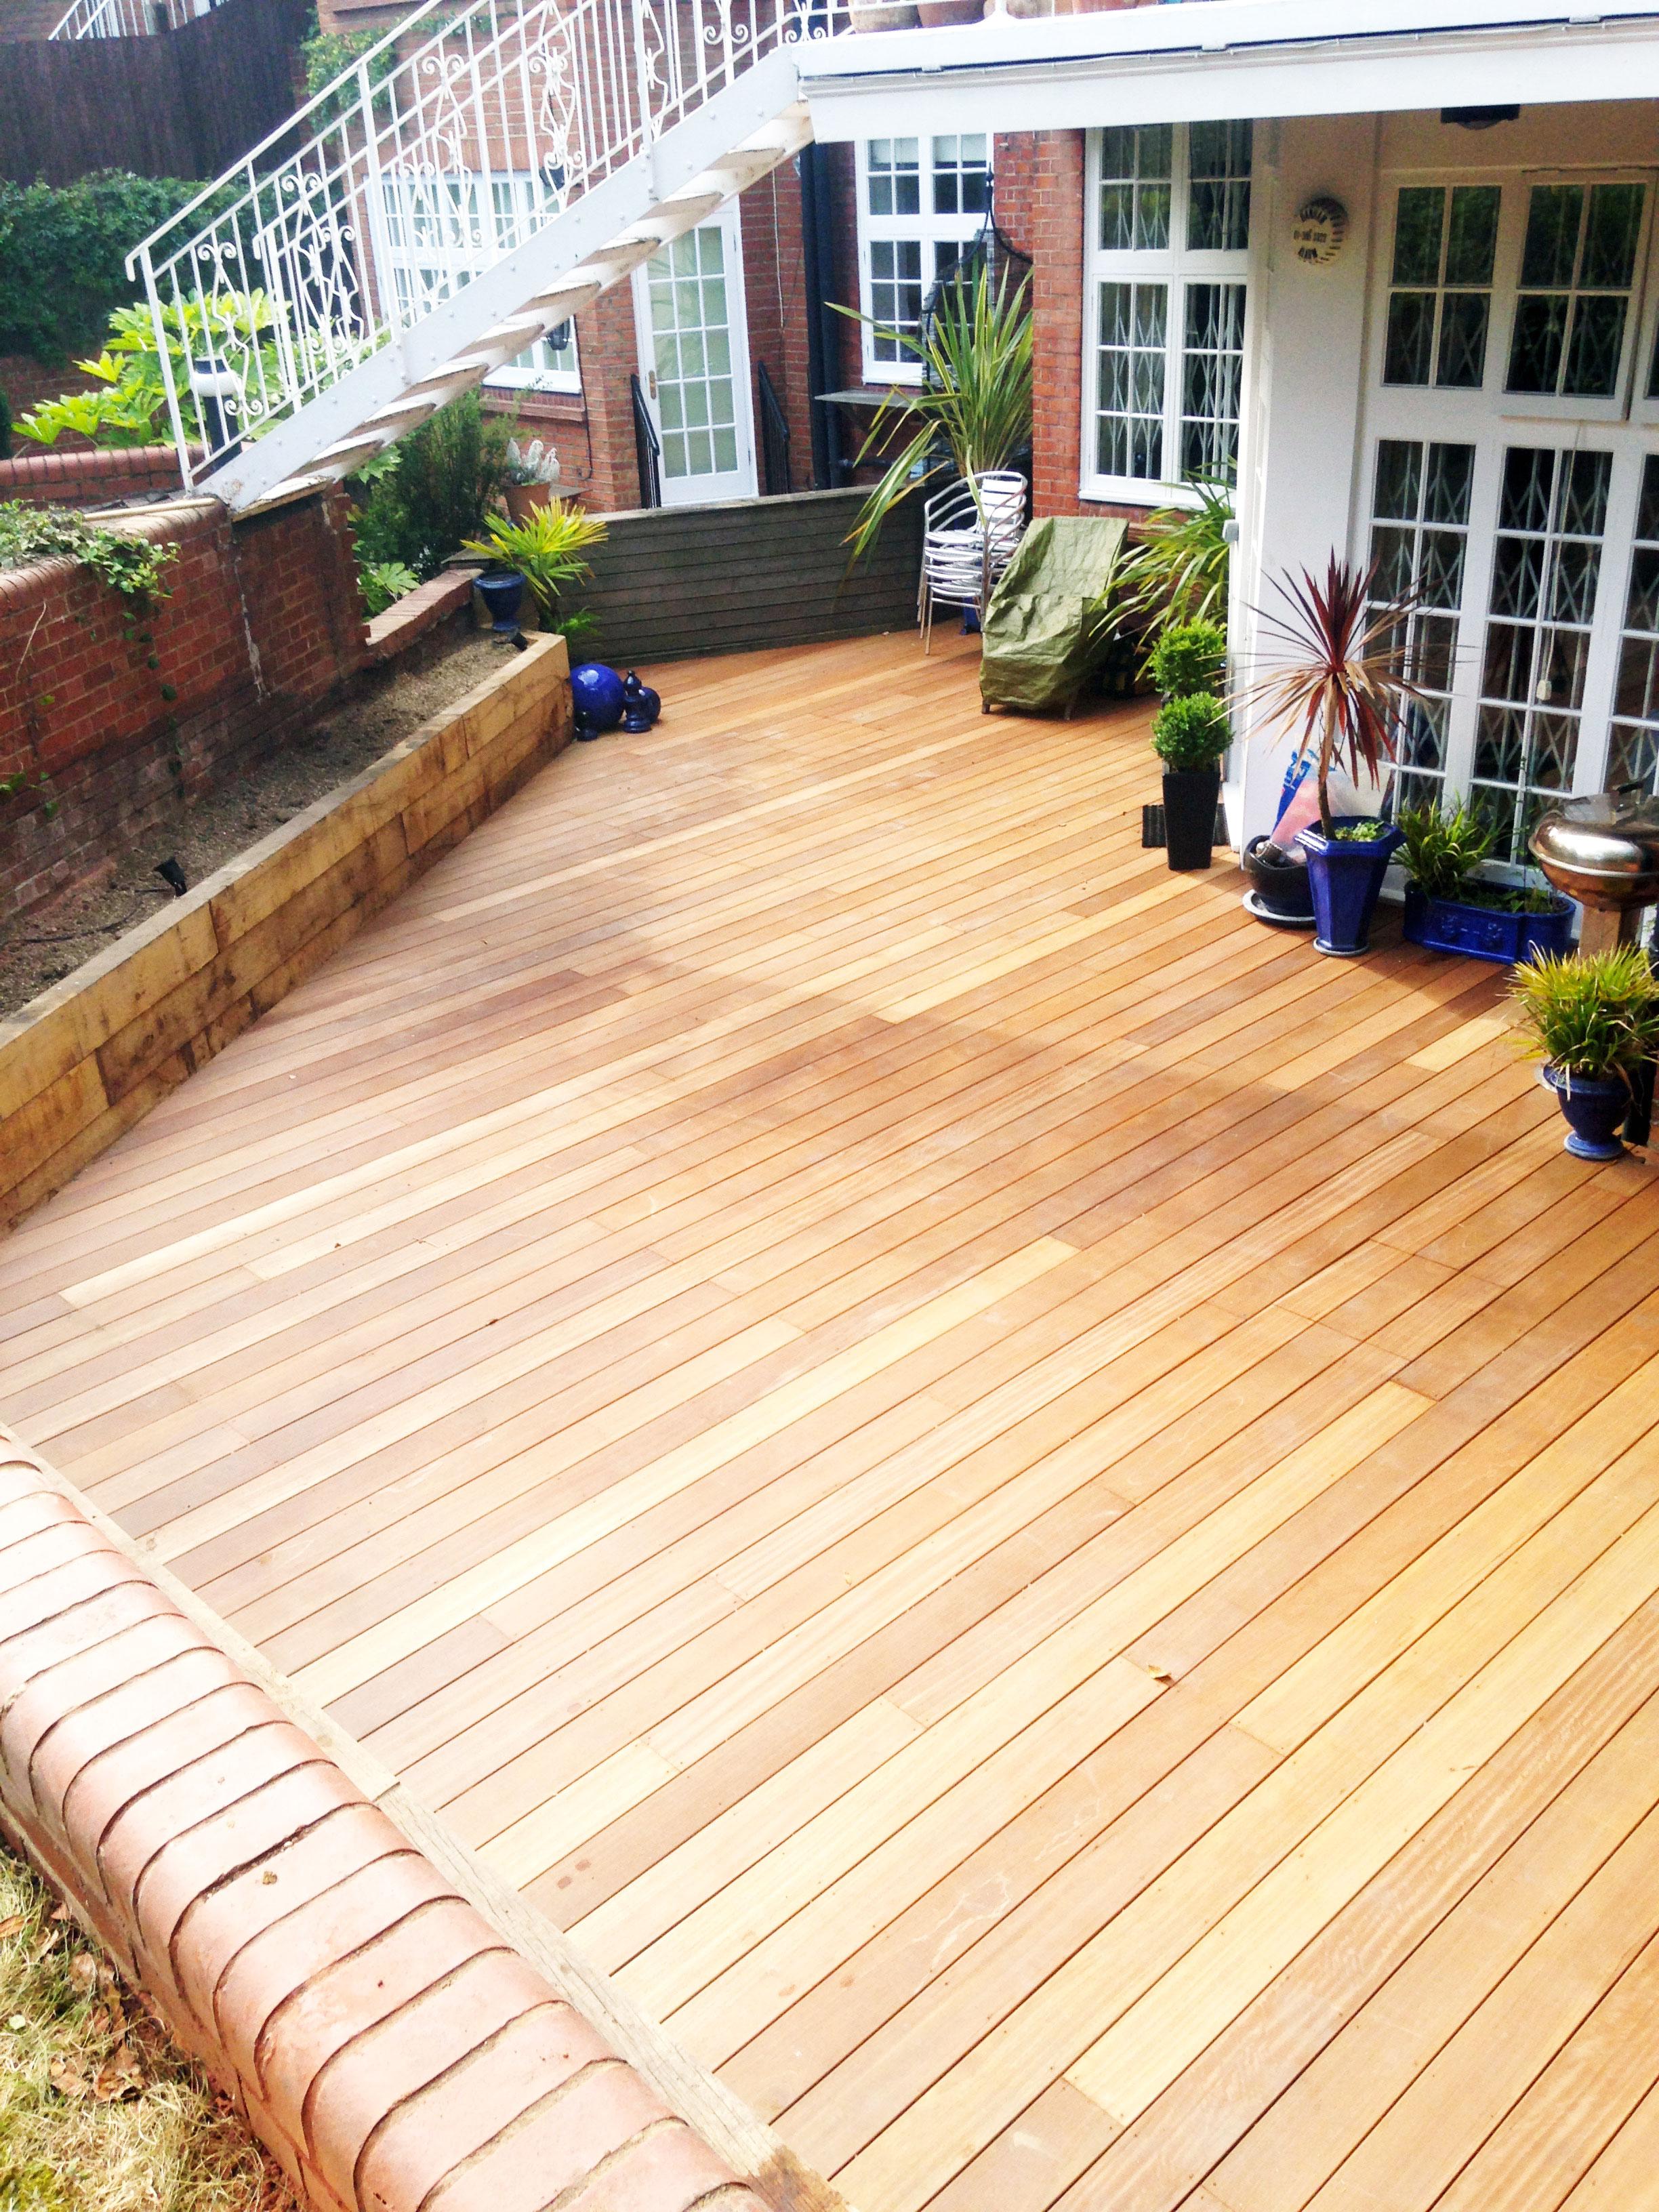 decking-3---Gallagher-gardens---Landscaping-Oxford.jpg